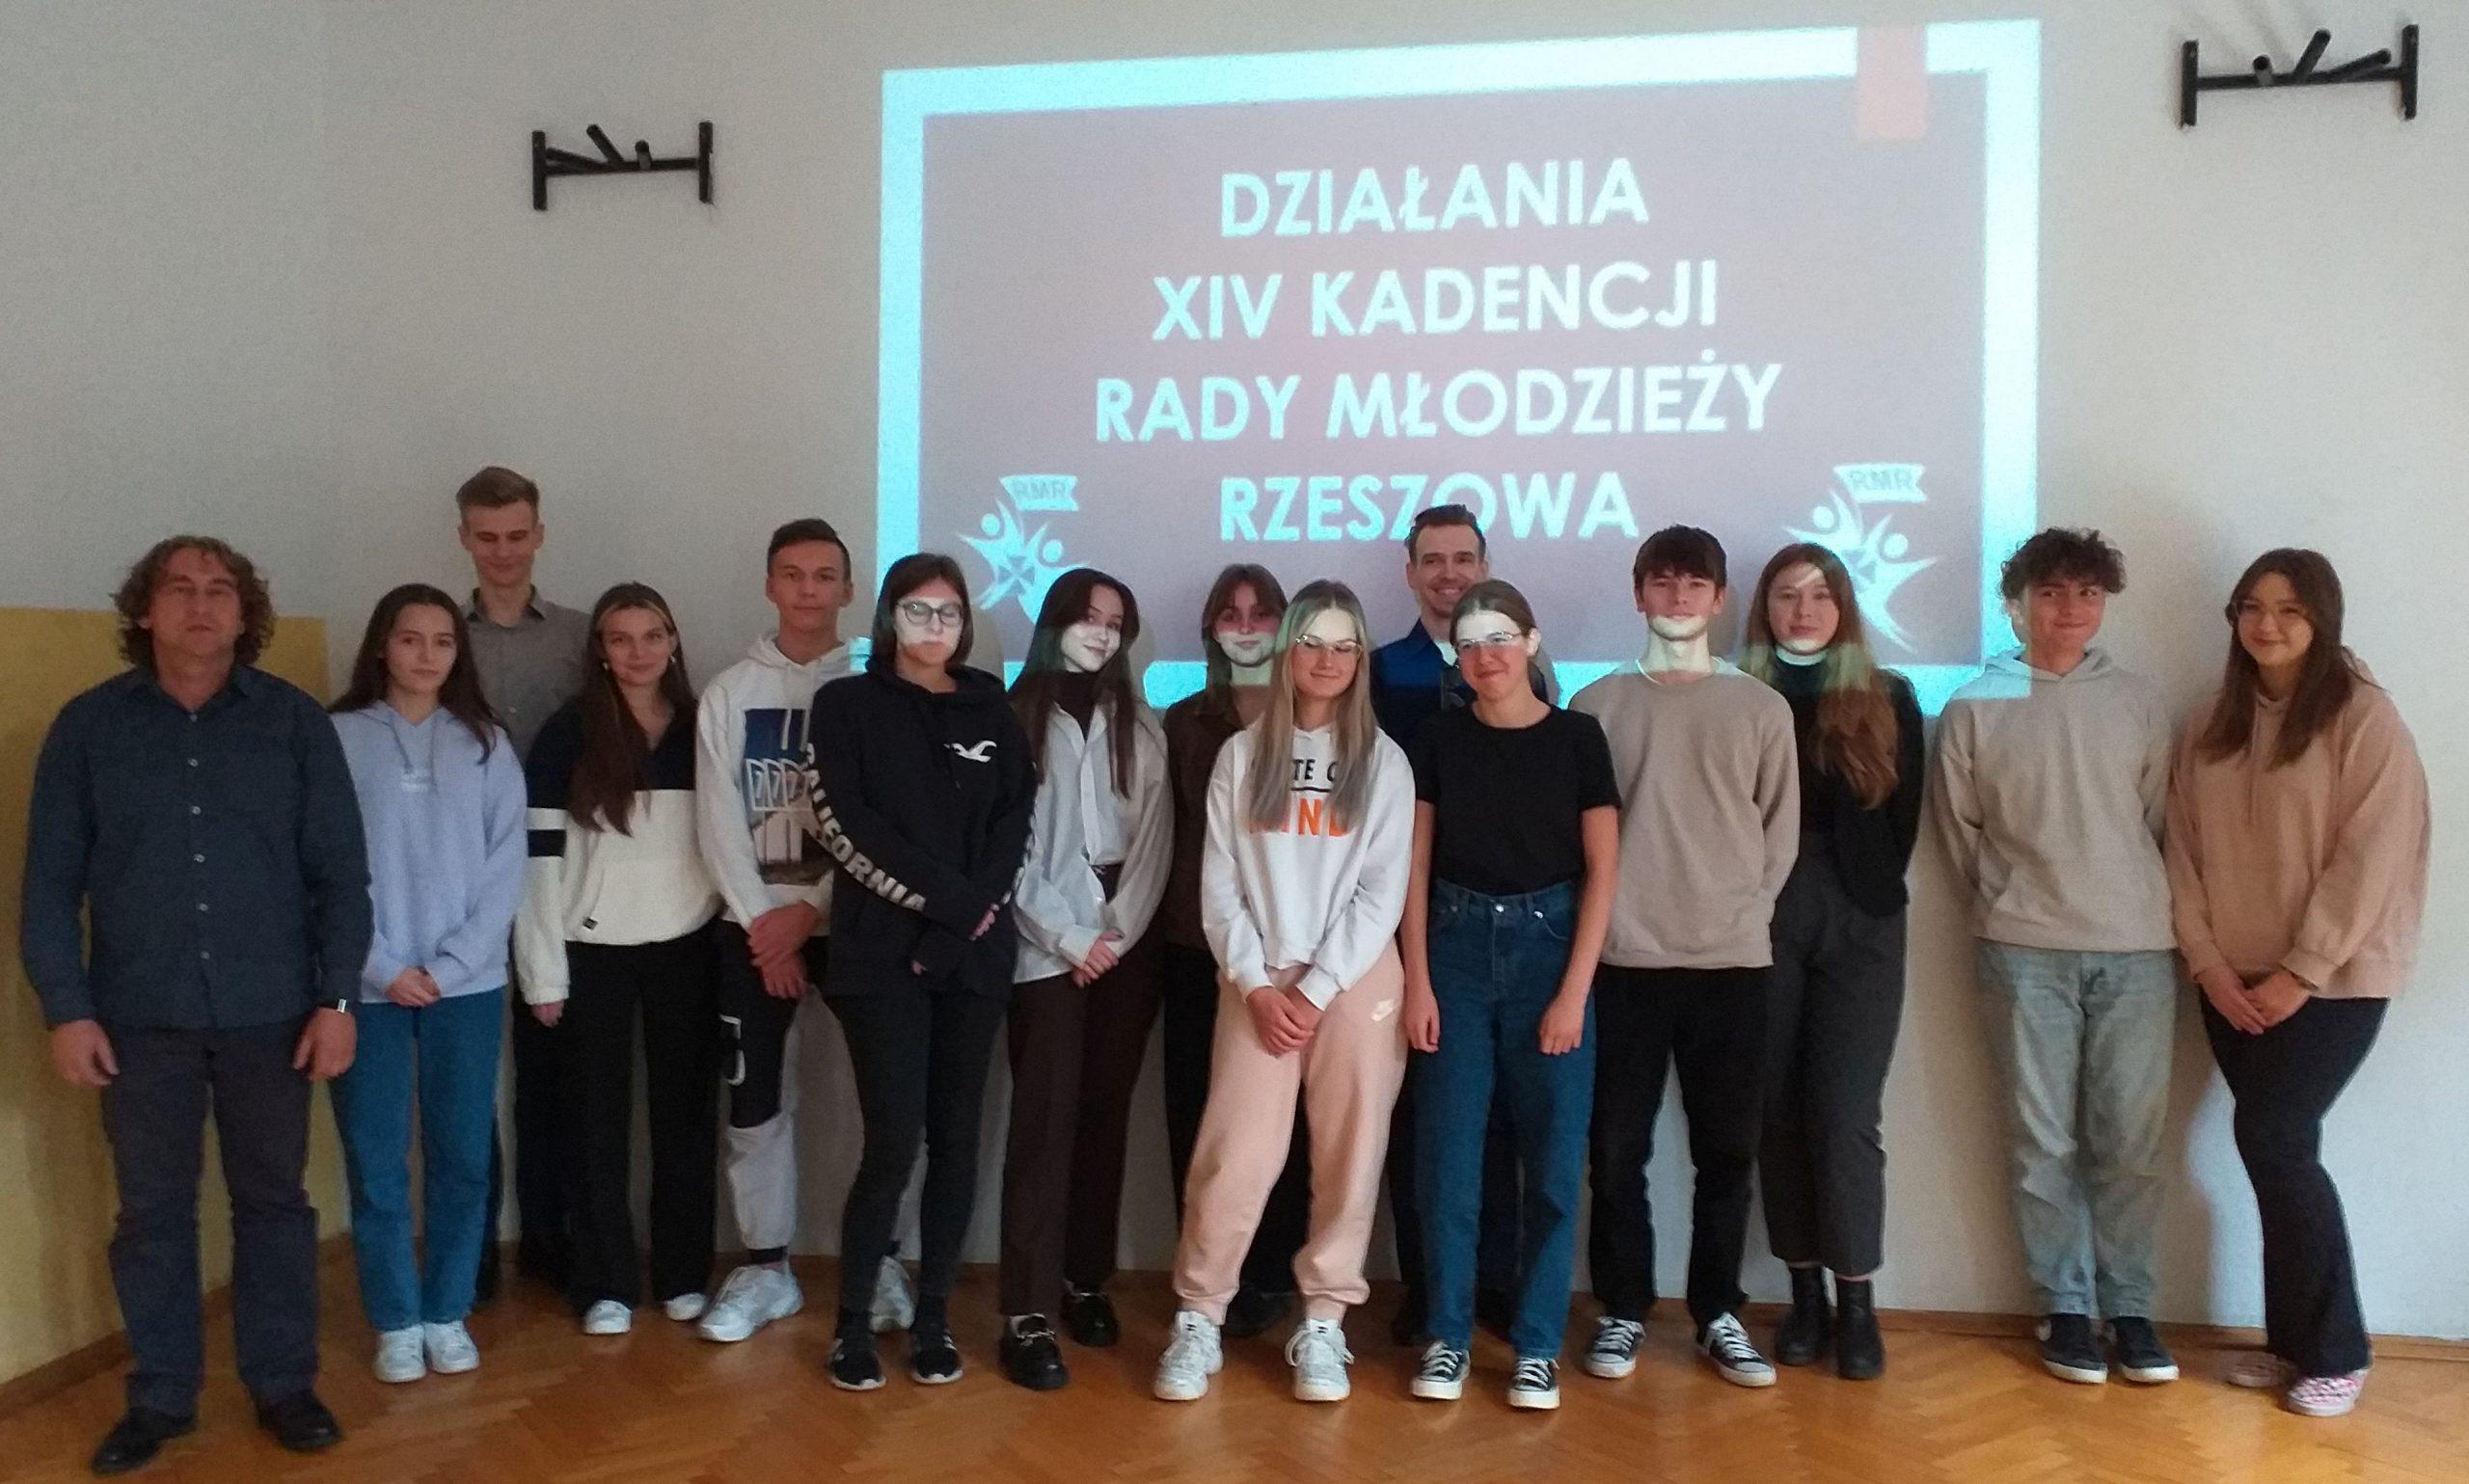 rada_mlodziezy_rzeszowa